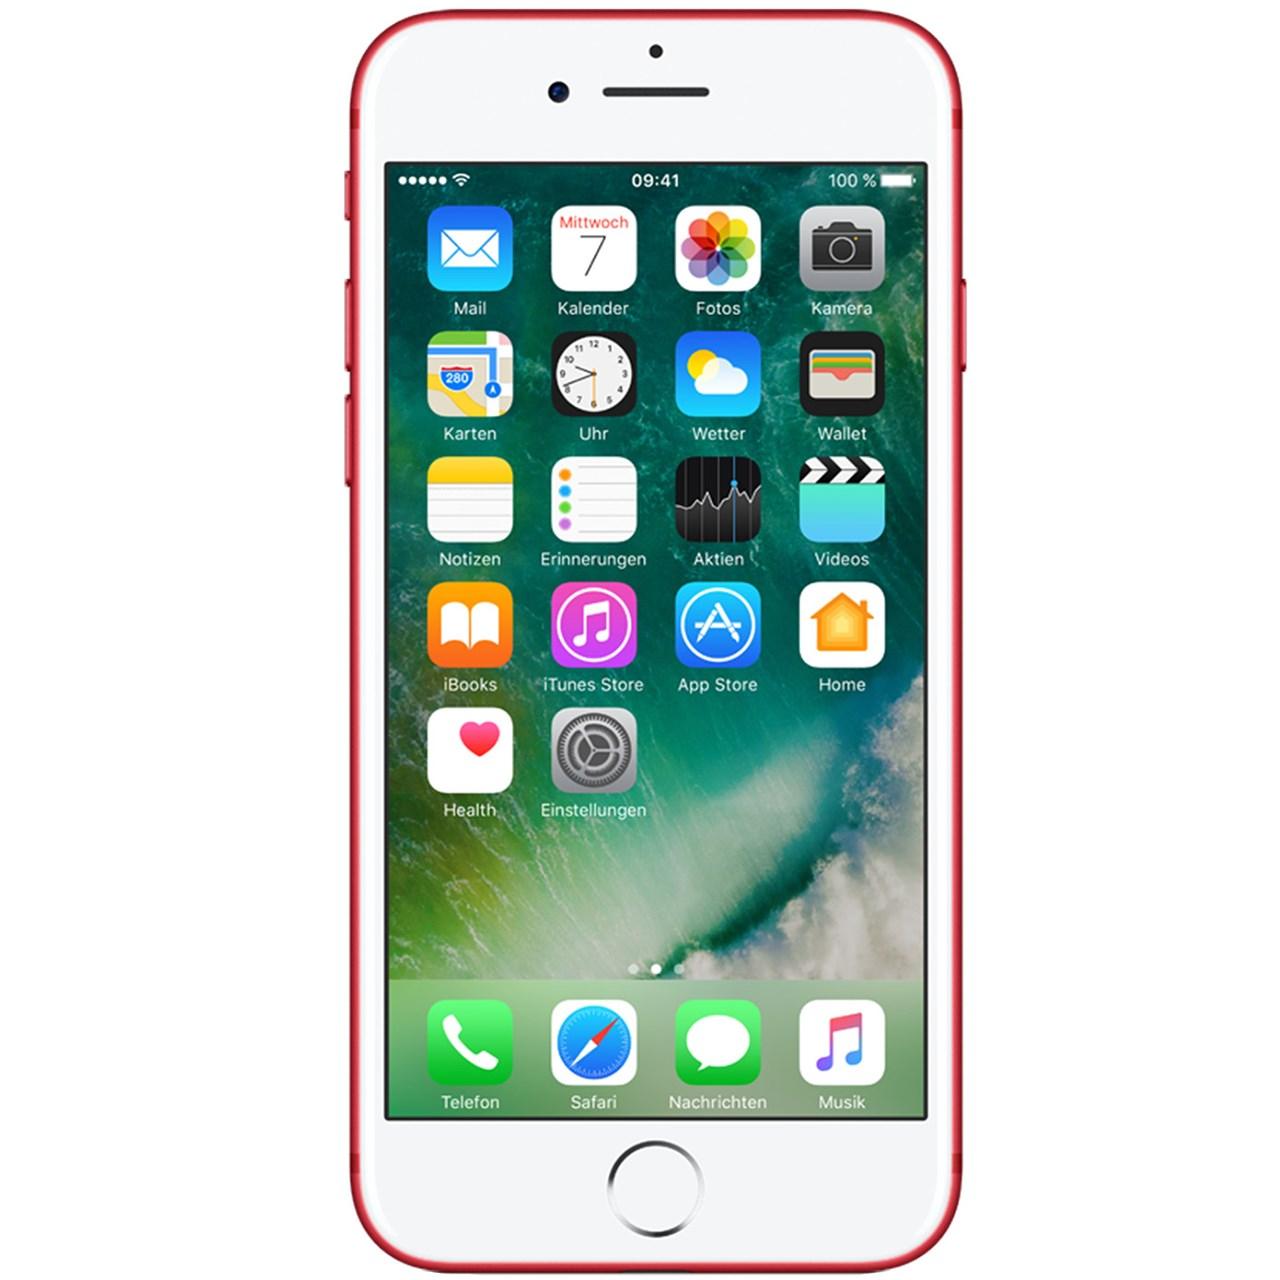 گوشی موبایل اپل مدل iPhone 7 (Product) Red ظرفیت 128 گیگابایت